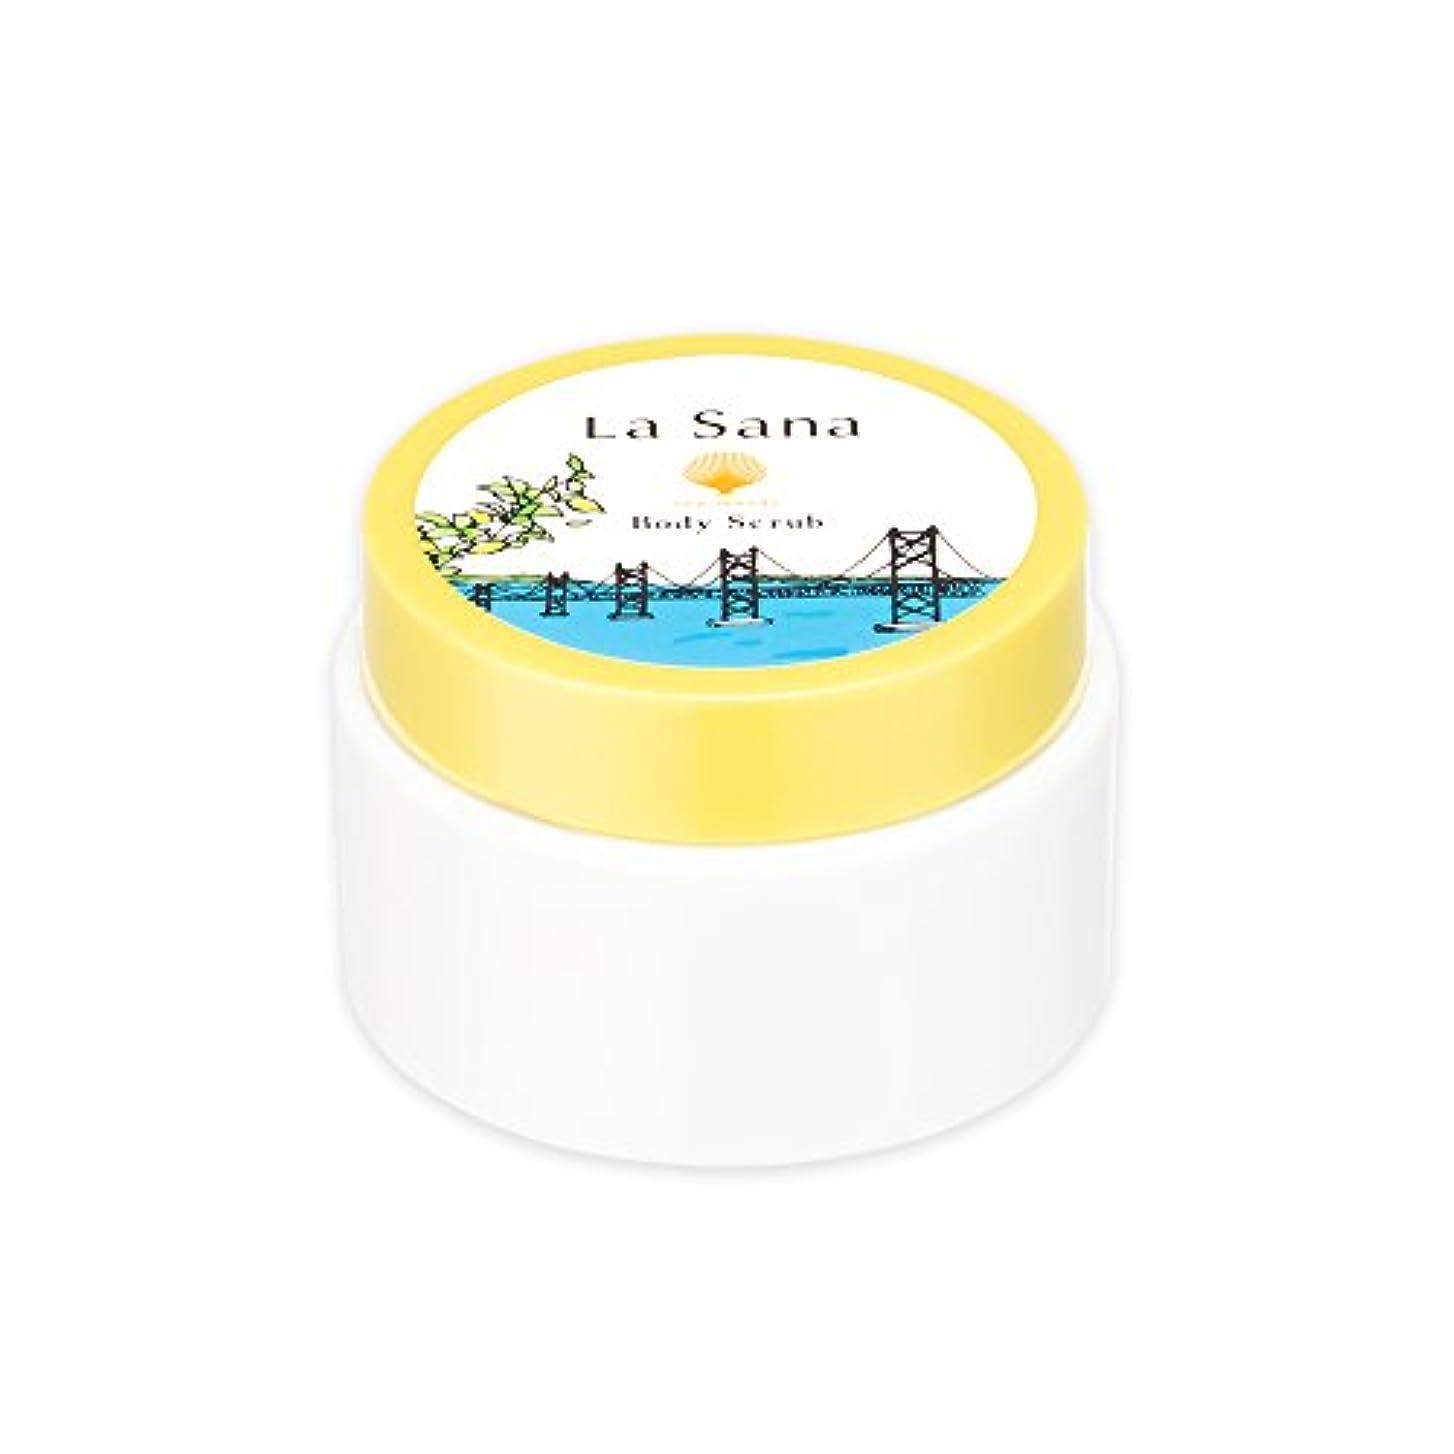 笑挽く学習者ラサーナ La sana 海藻 ボディ スクラブ 100g 限定 瀬戸内レモンの香り ボディケア 日本製 (約1ヵ月分)